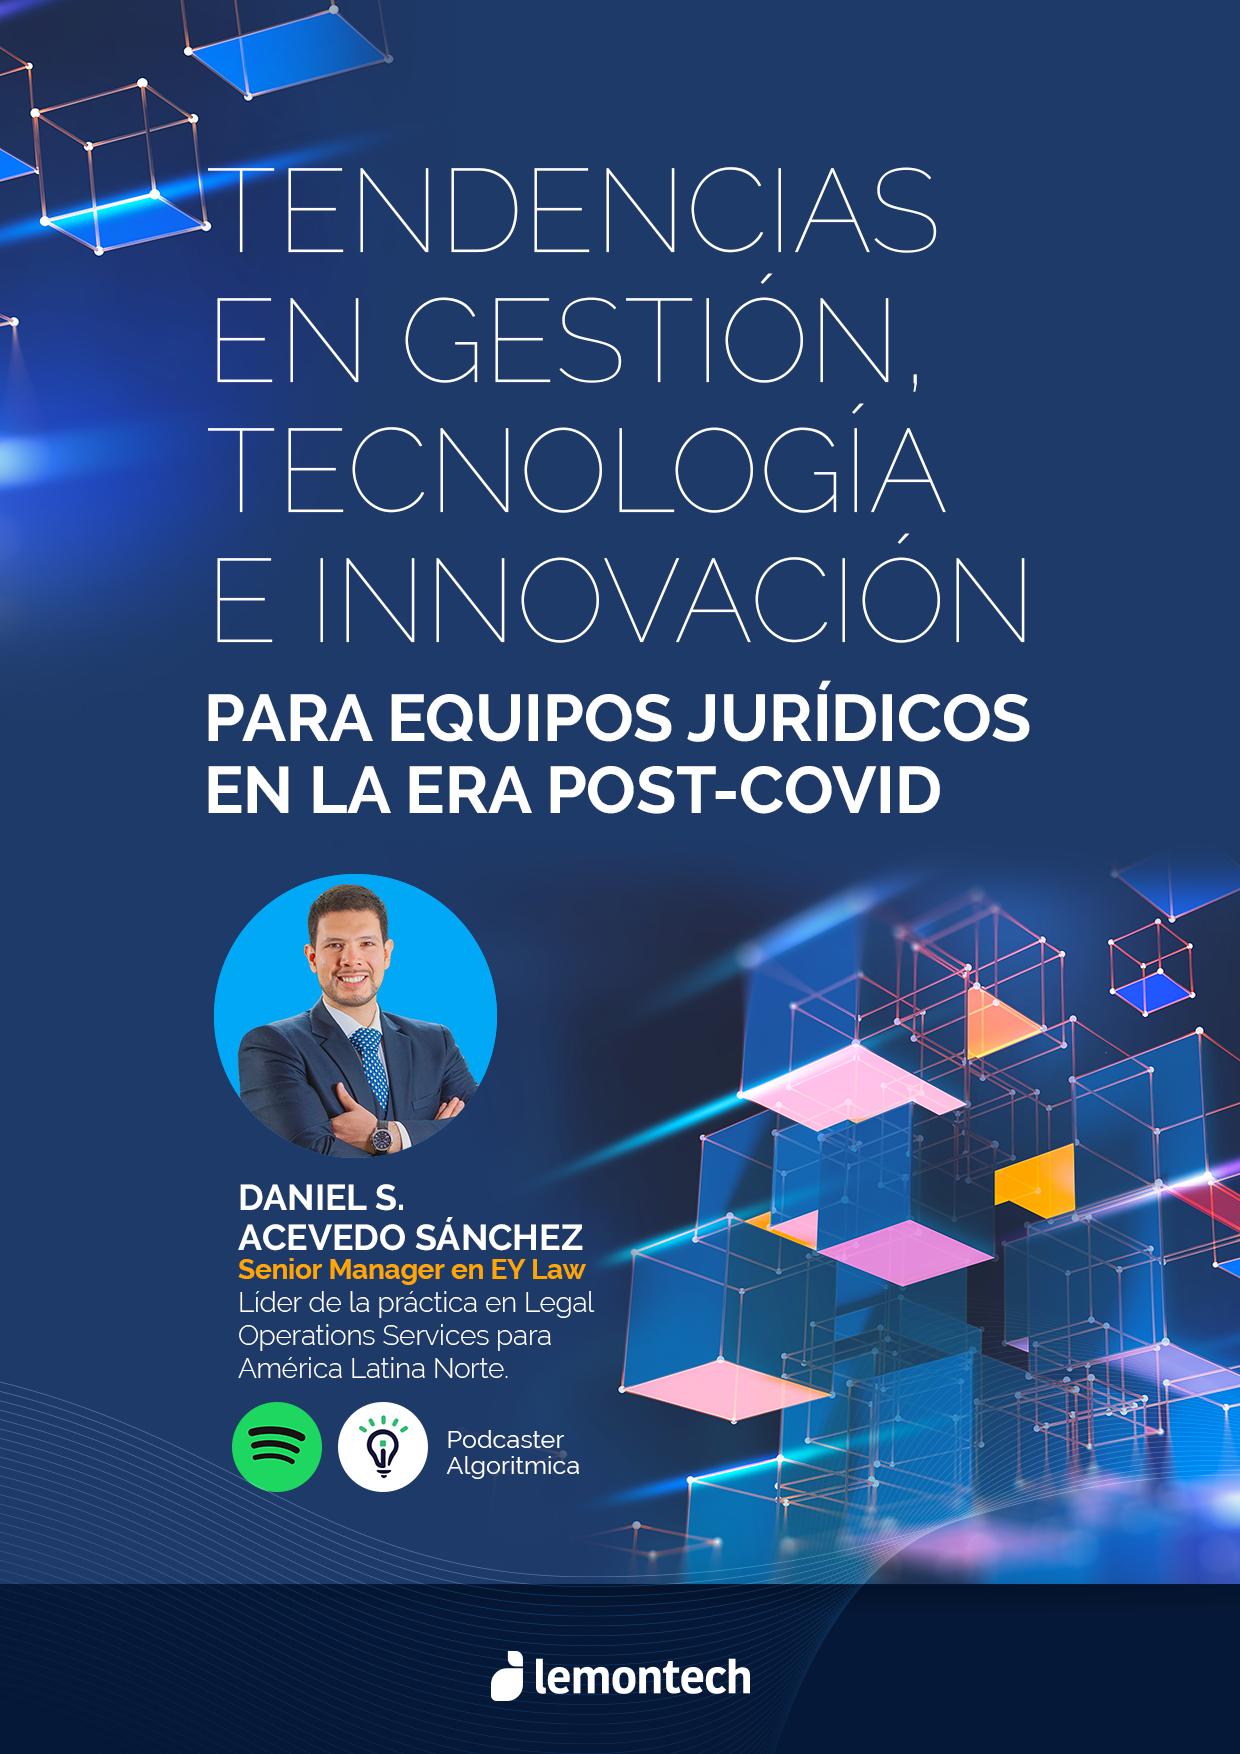 Webinar_Daniel_Acevedo_a4_2 (1)